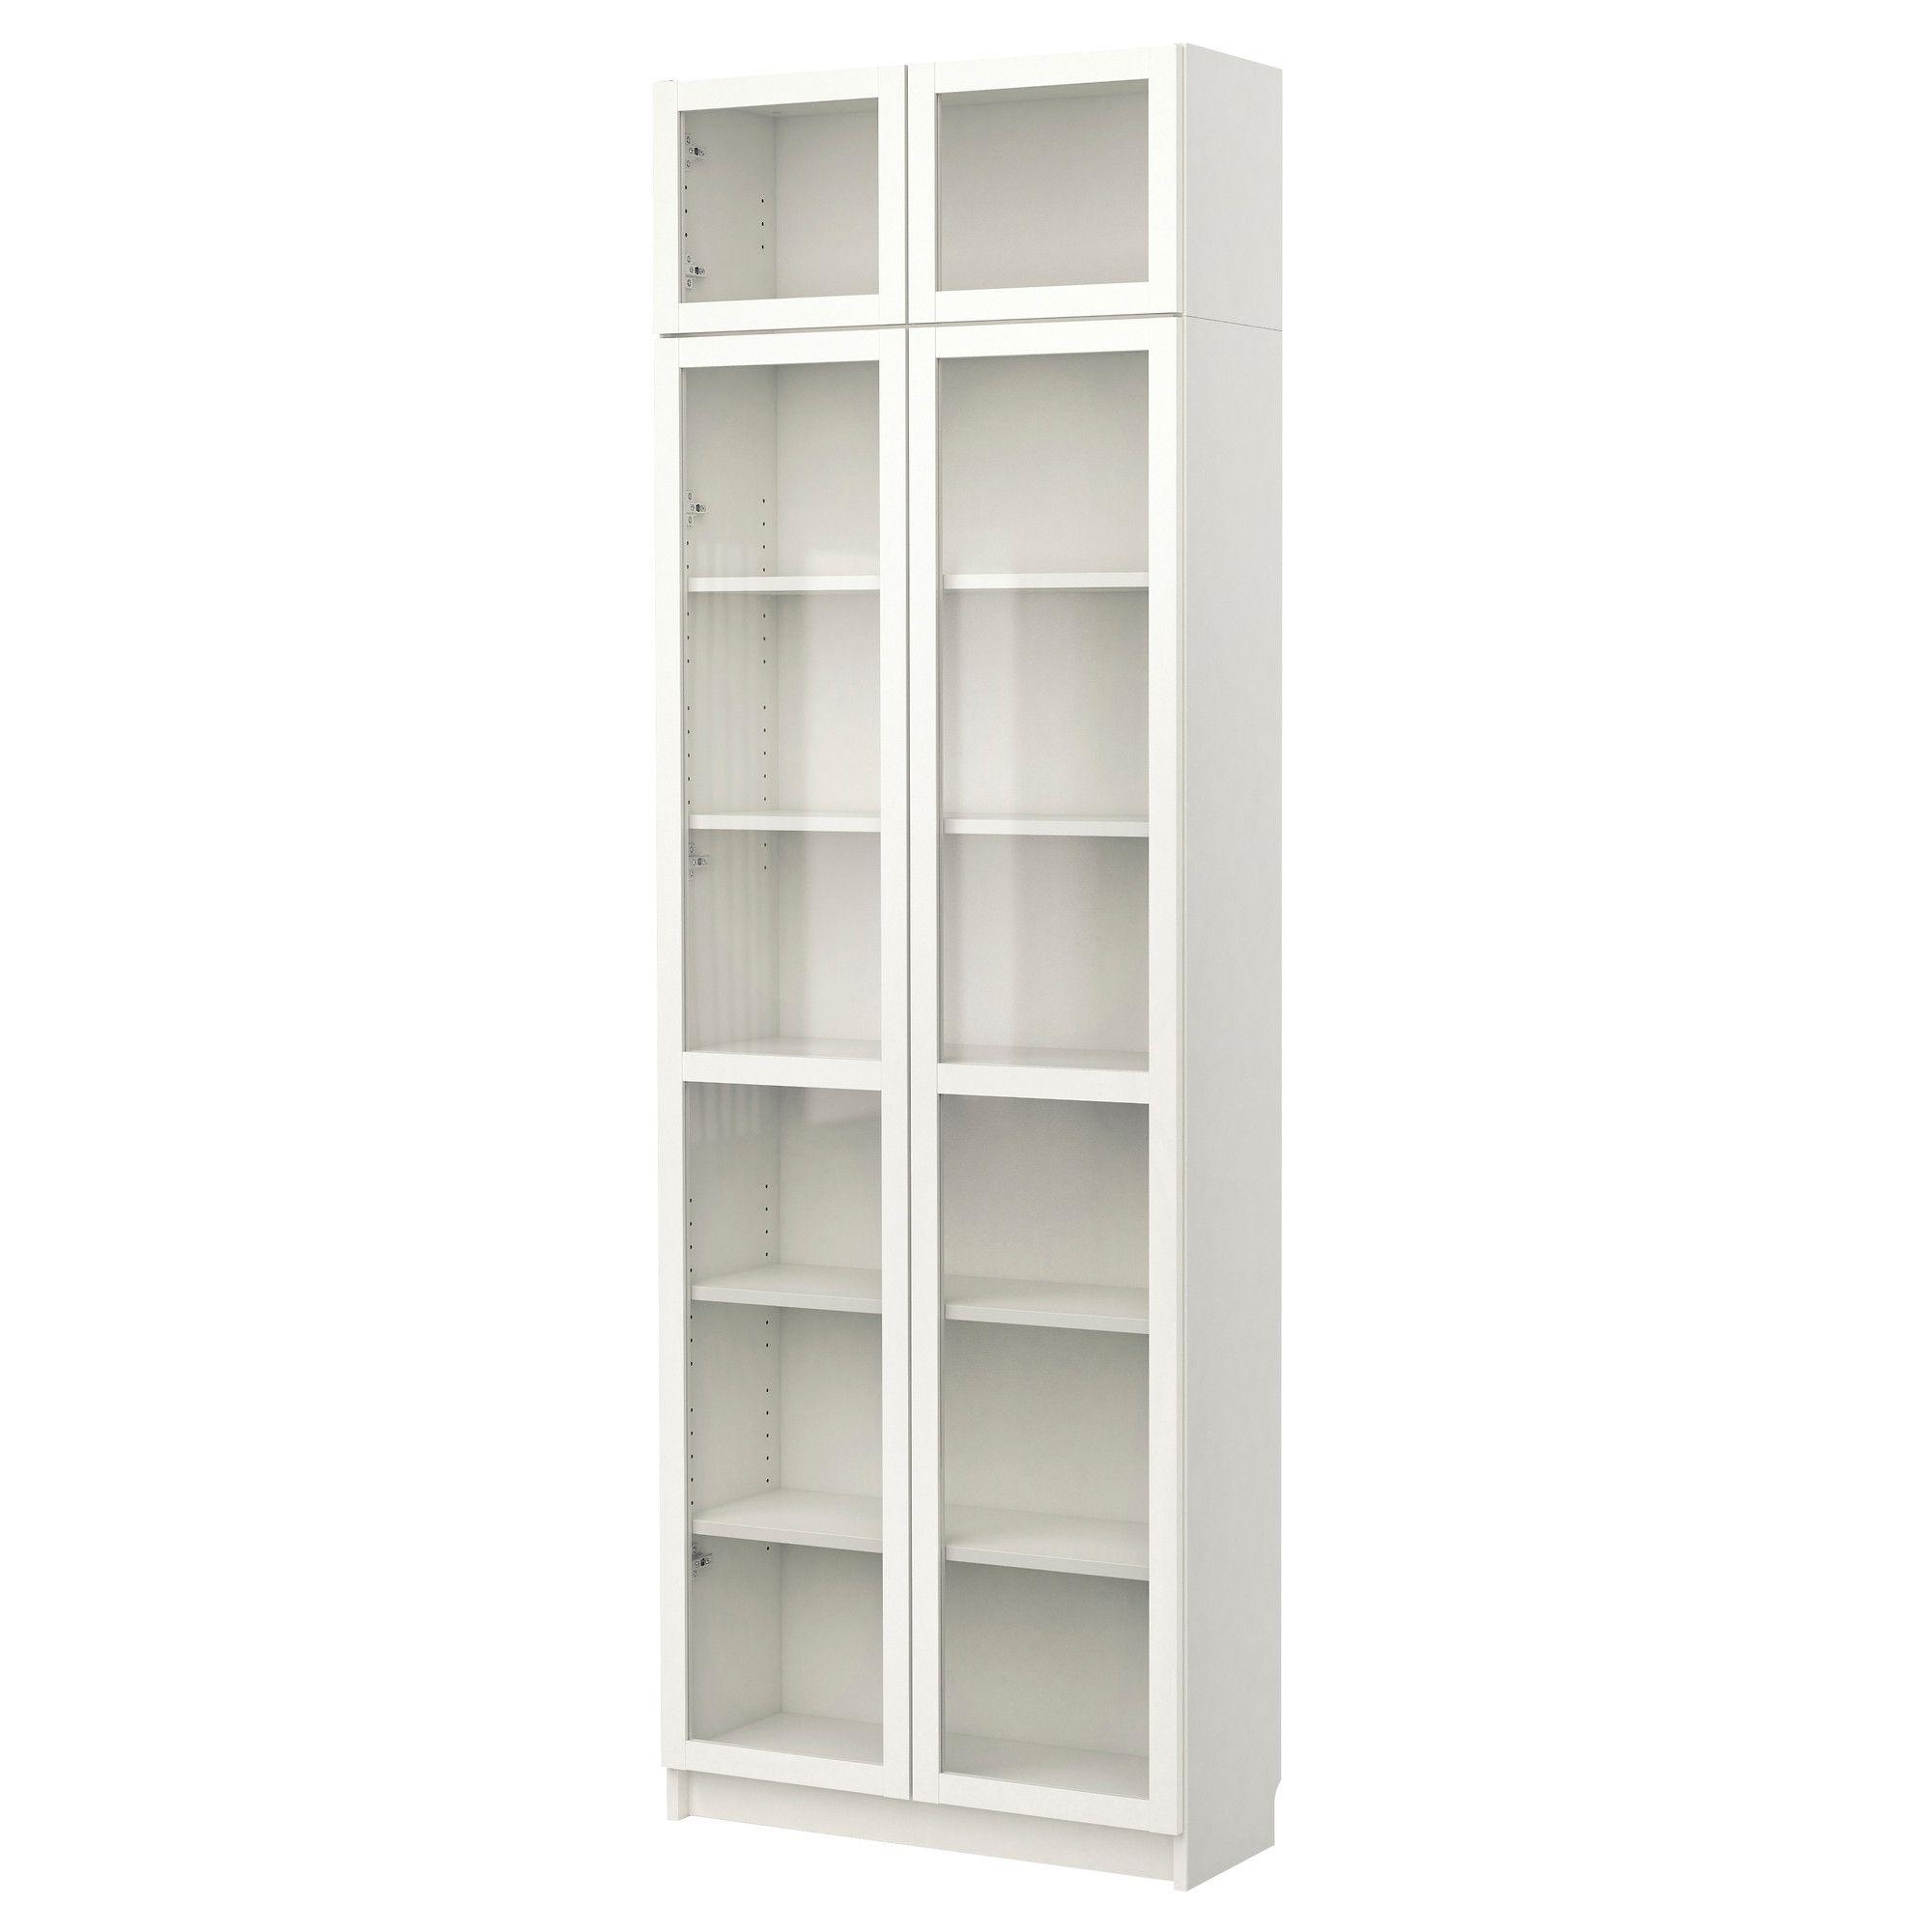 BILLY Boekenkast met vitrinedeur - wit - IKEA - wasplaats ...